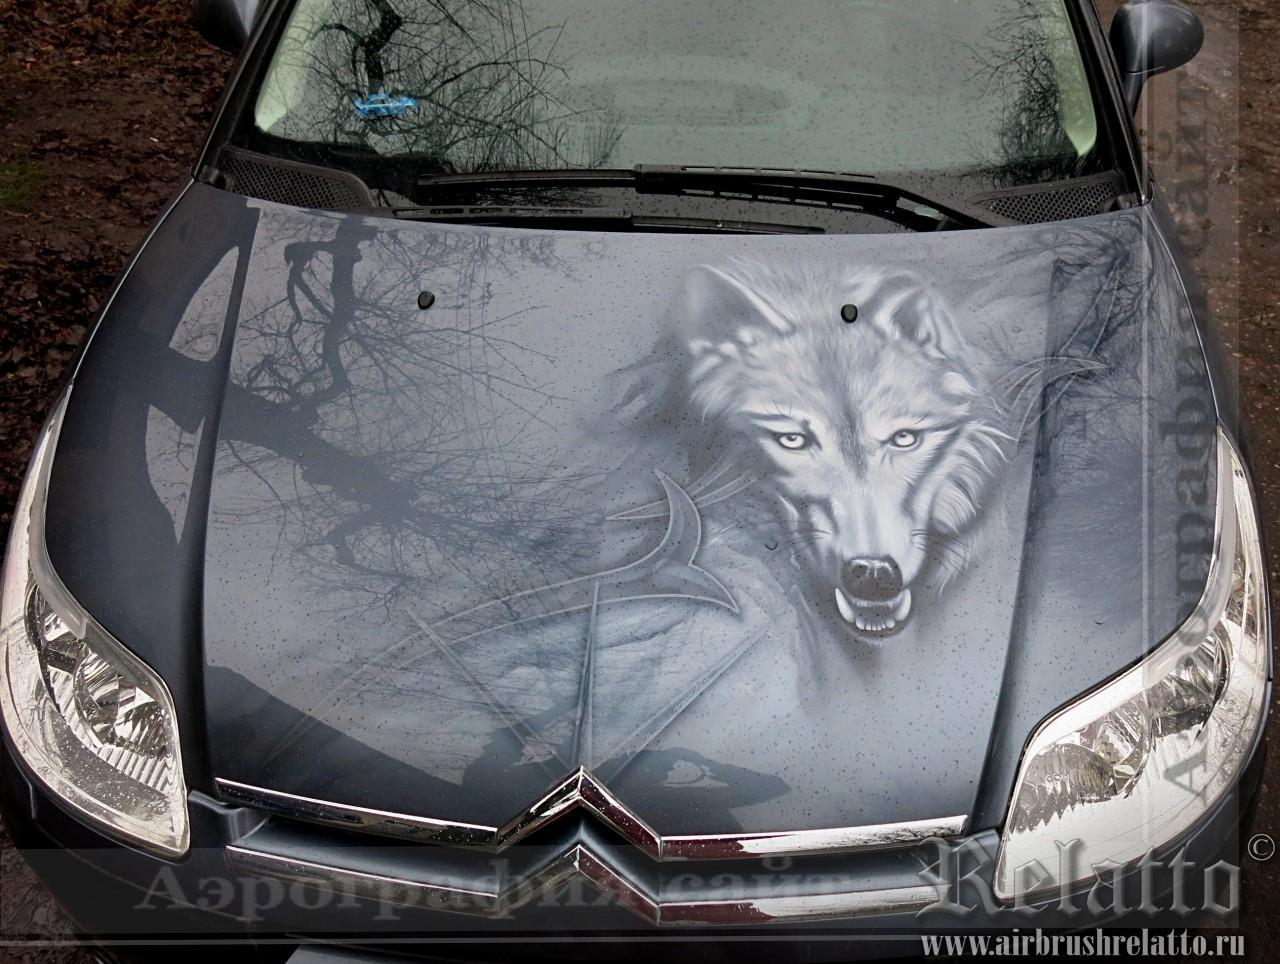 Аэрография автомобиля Citroen - Волк